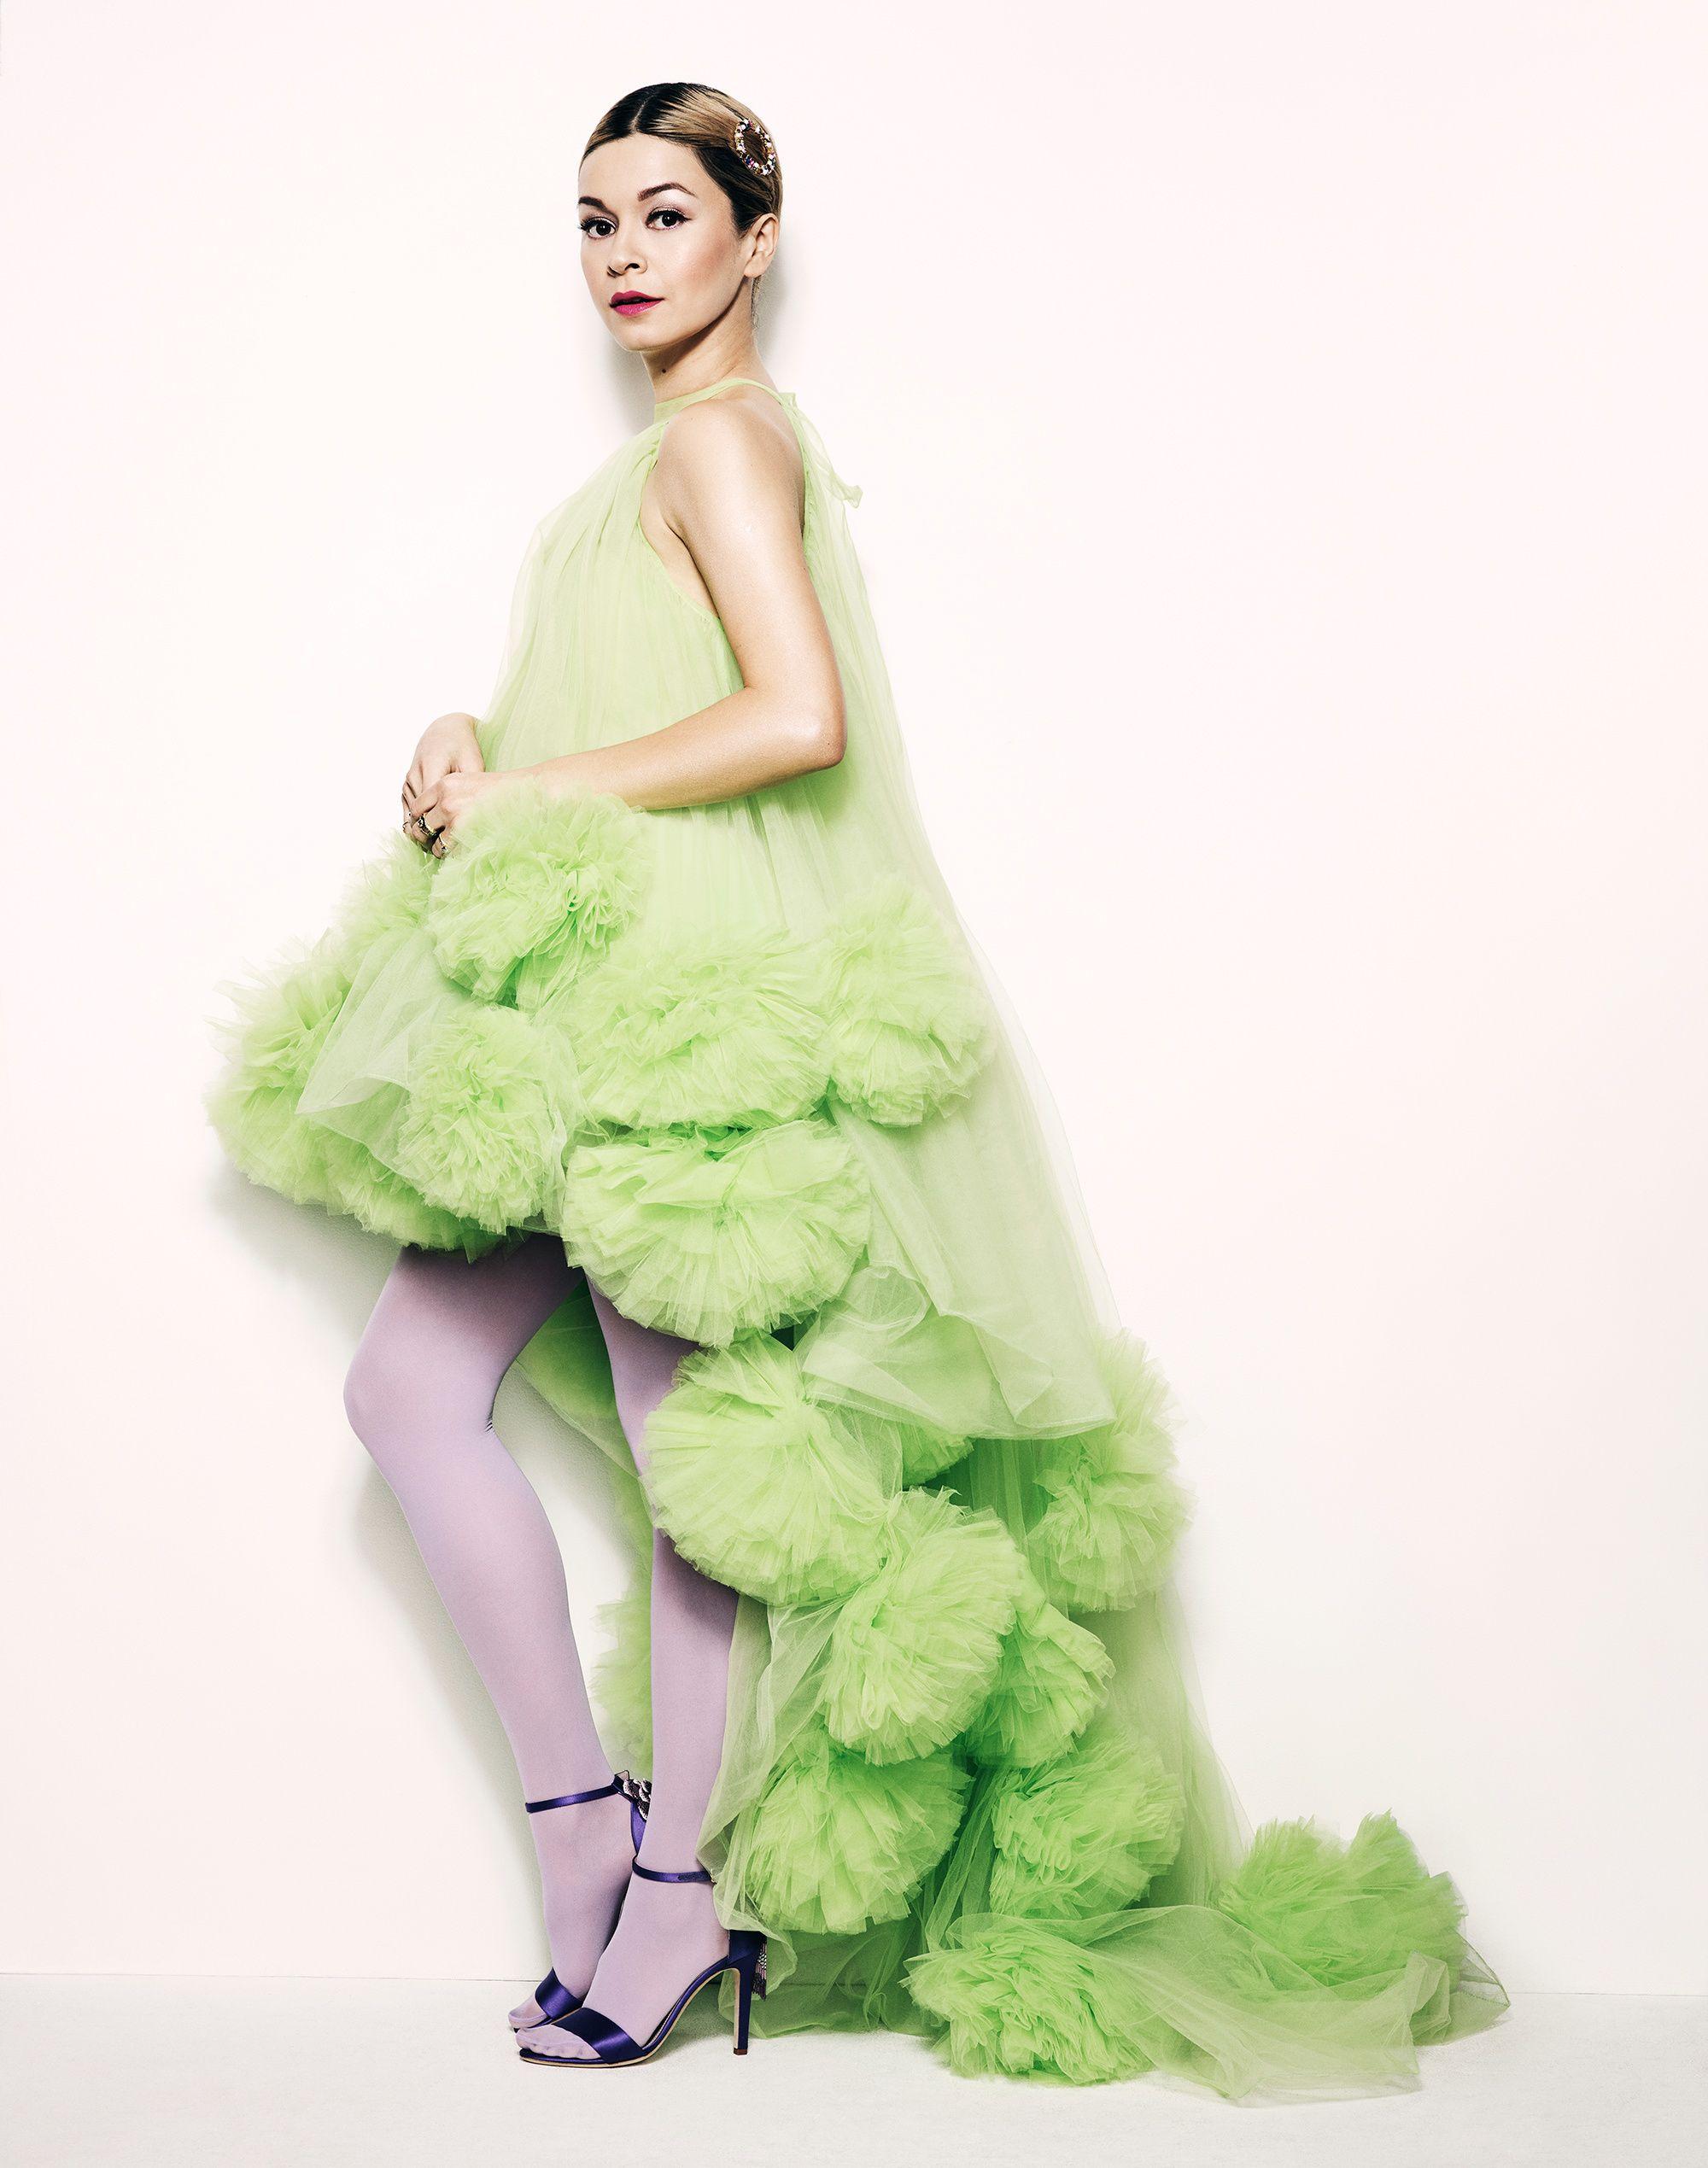 Julia Chan in a mint green poofy tulle dress.